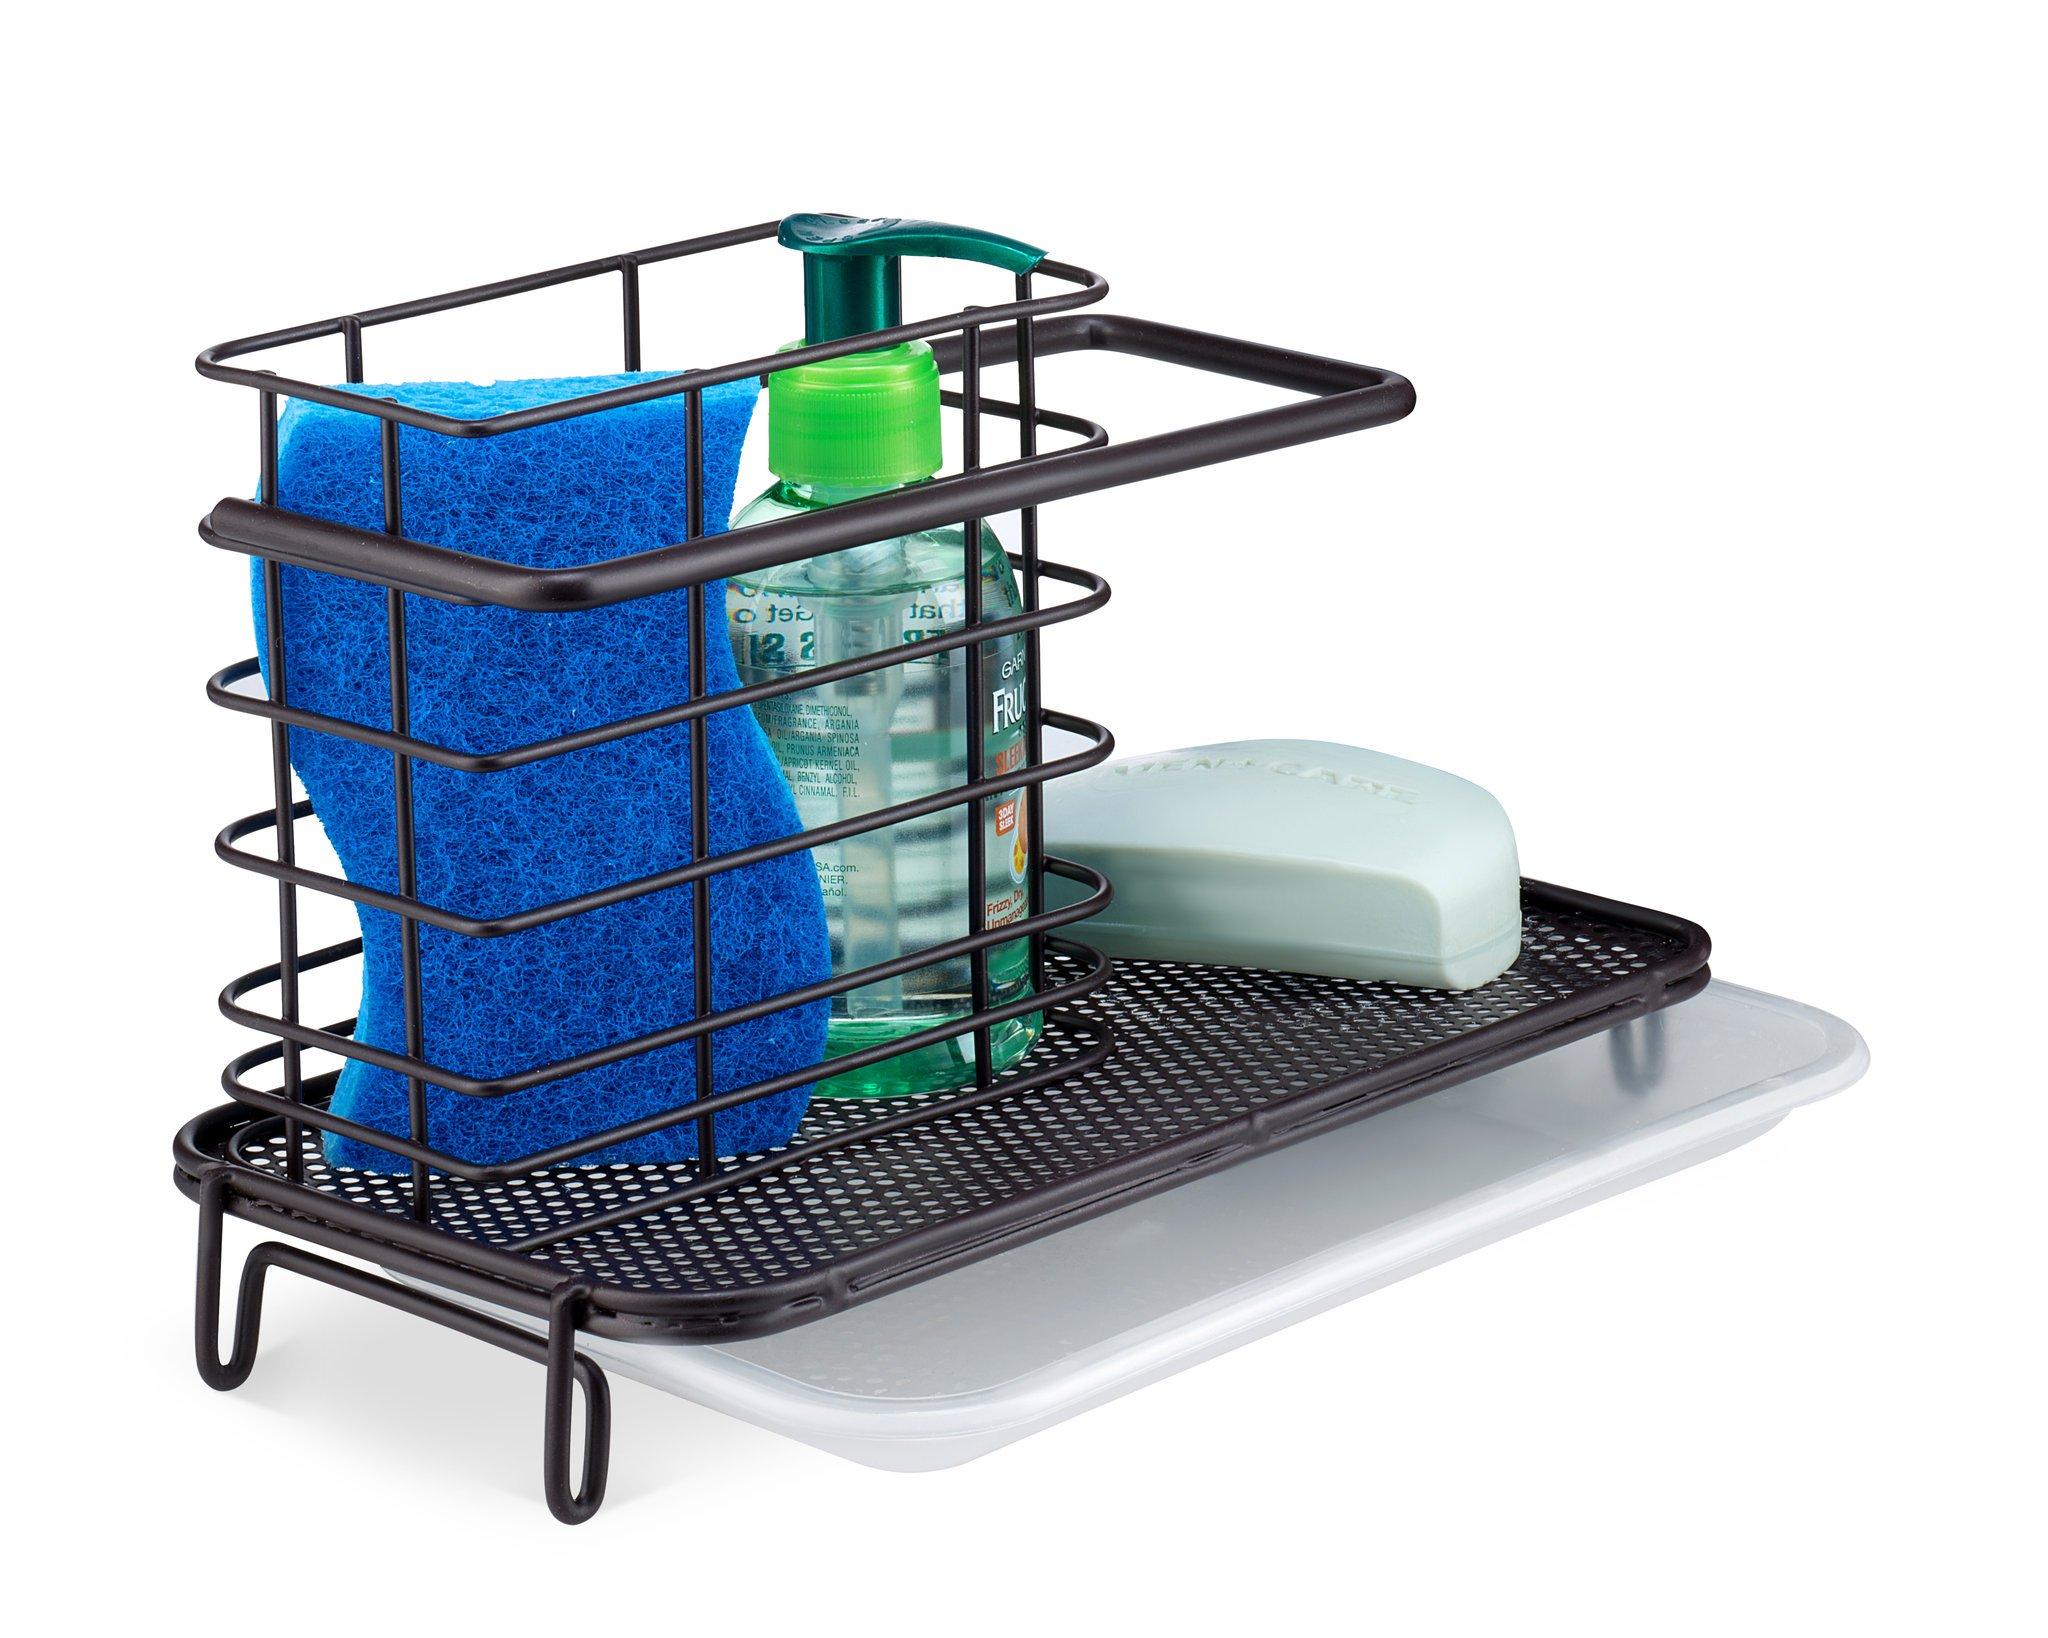 Saganizer Kitchen Sink Caddy Holder for Dish Soap or Sink Sponge Holder - Brush Holder Sink Tidy Bronze Finish Kitchen Sink Caddy by Saganizer